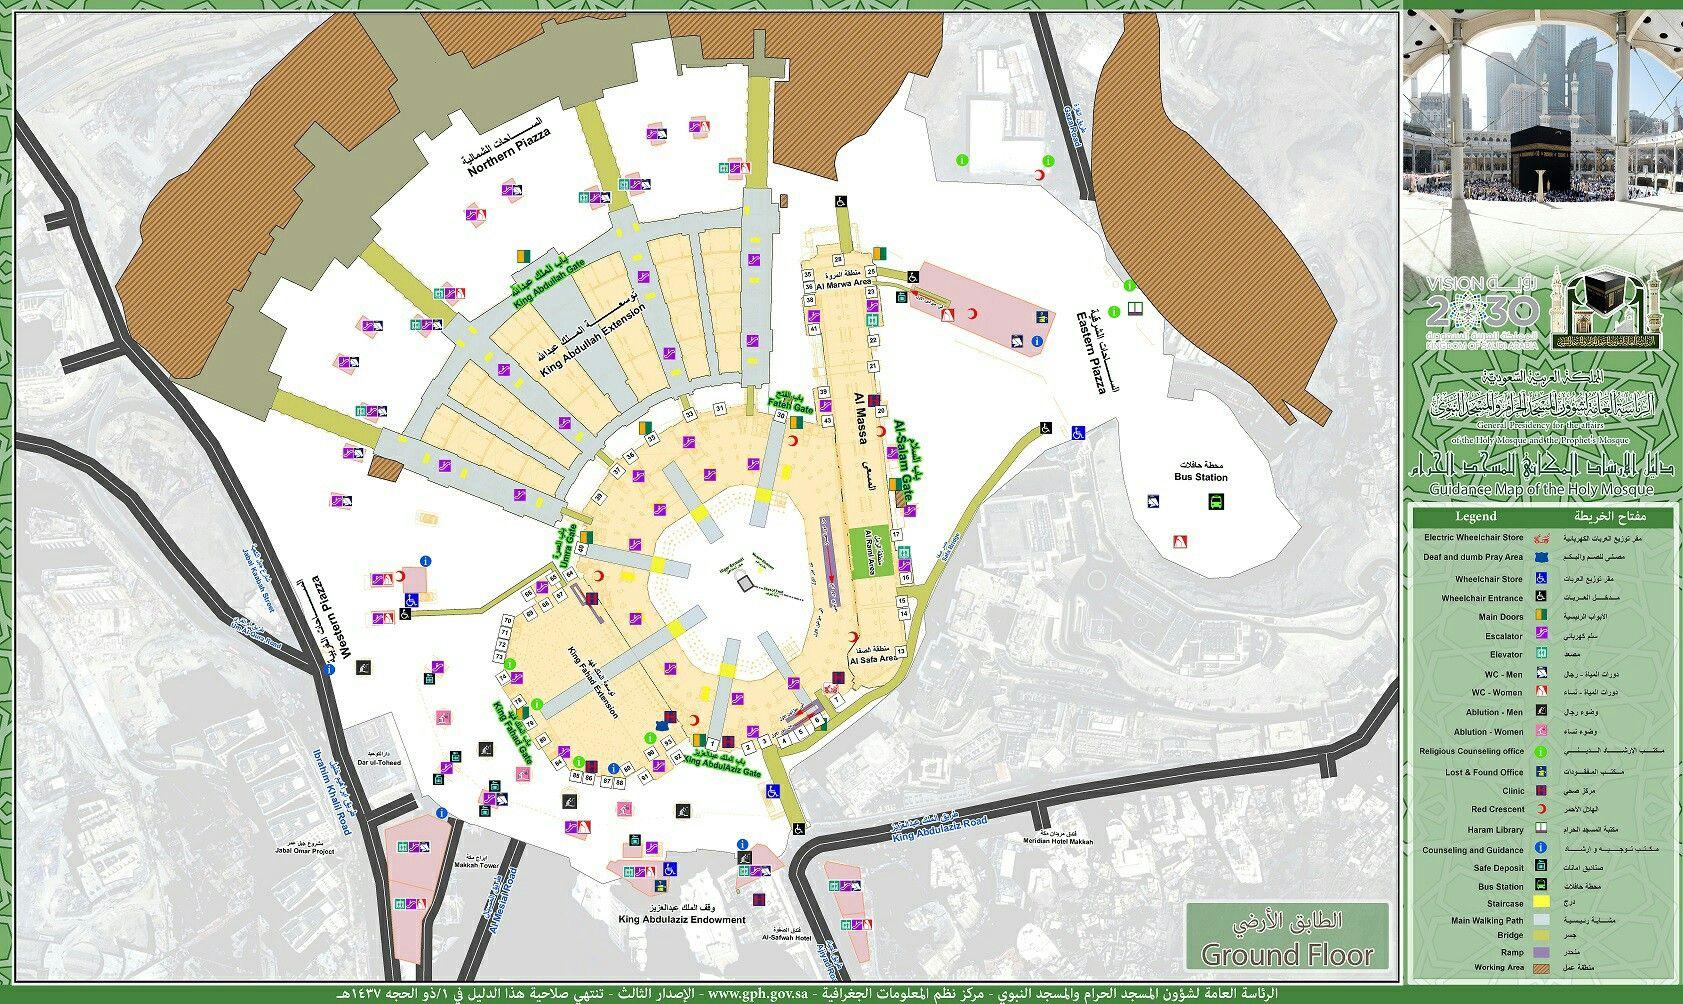 خريطة للحرم المكي والبوابات والتوسعة Map Mecca Art